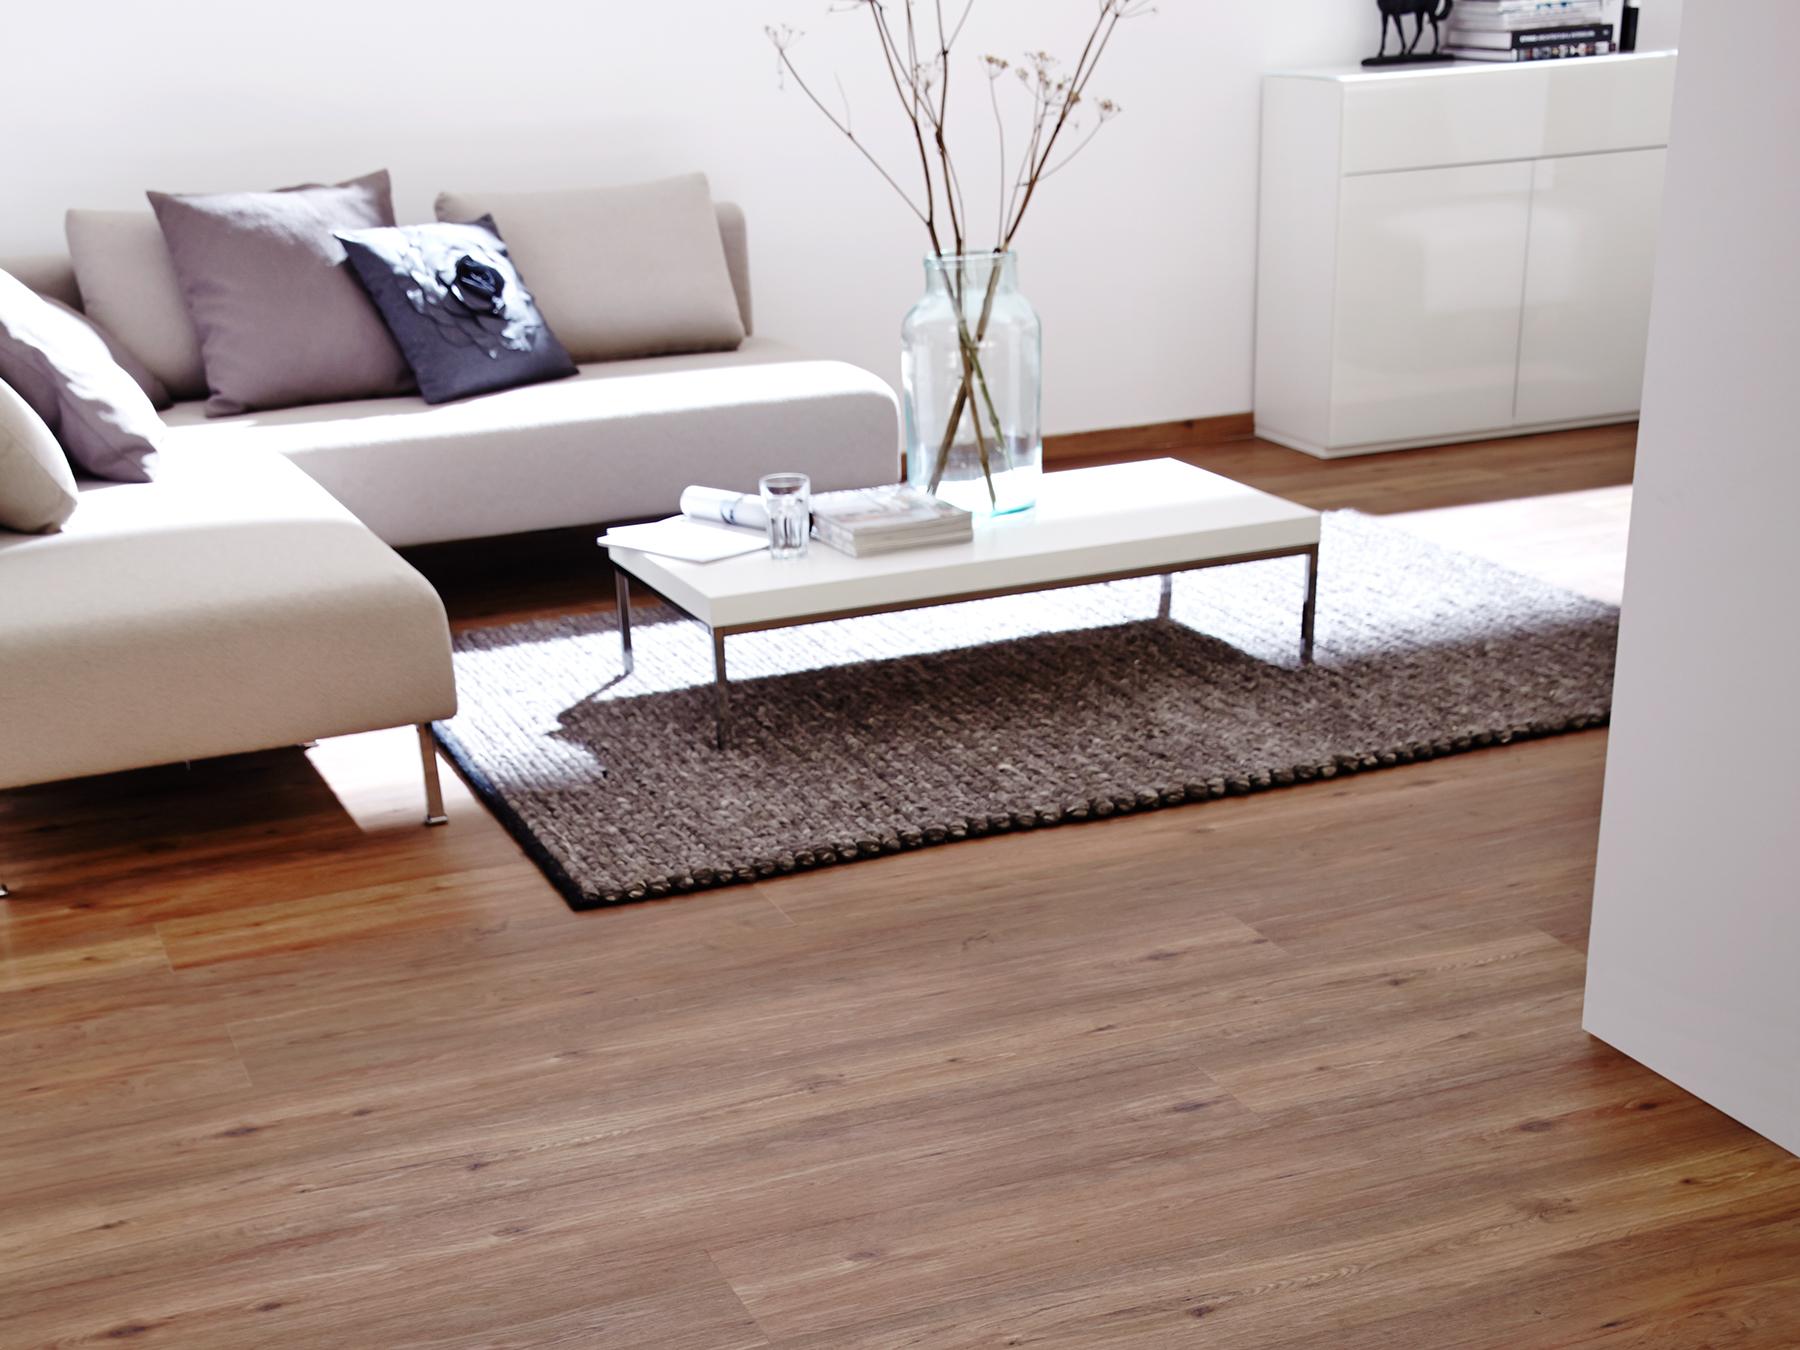 tilo seite 3 von 9 der blog rund um b den wohnen lifestyle und mehr. Black Bedroom Furniture Sets. Home Design Ideas